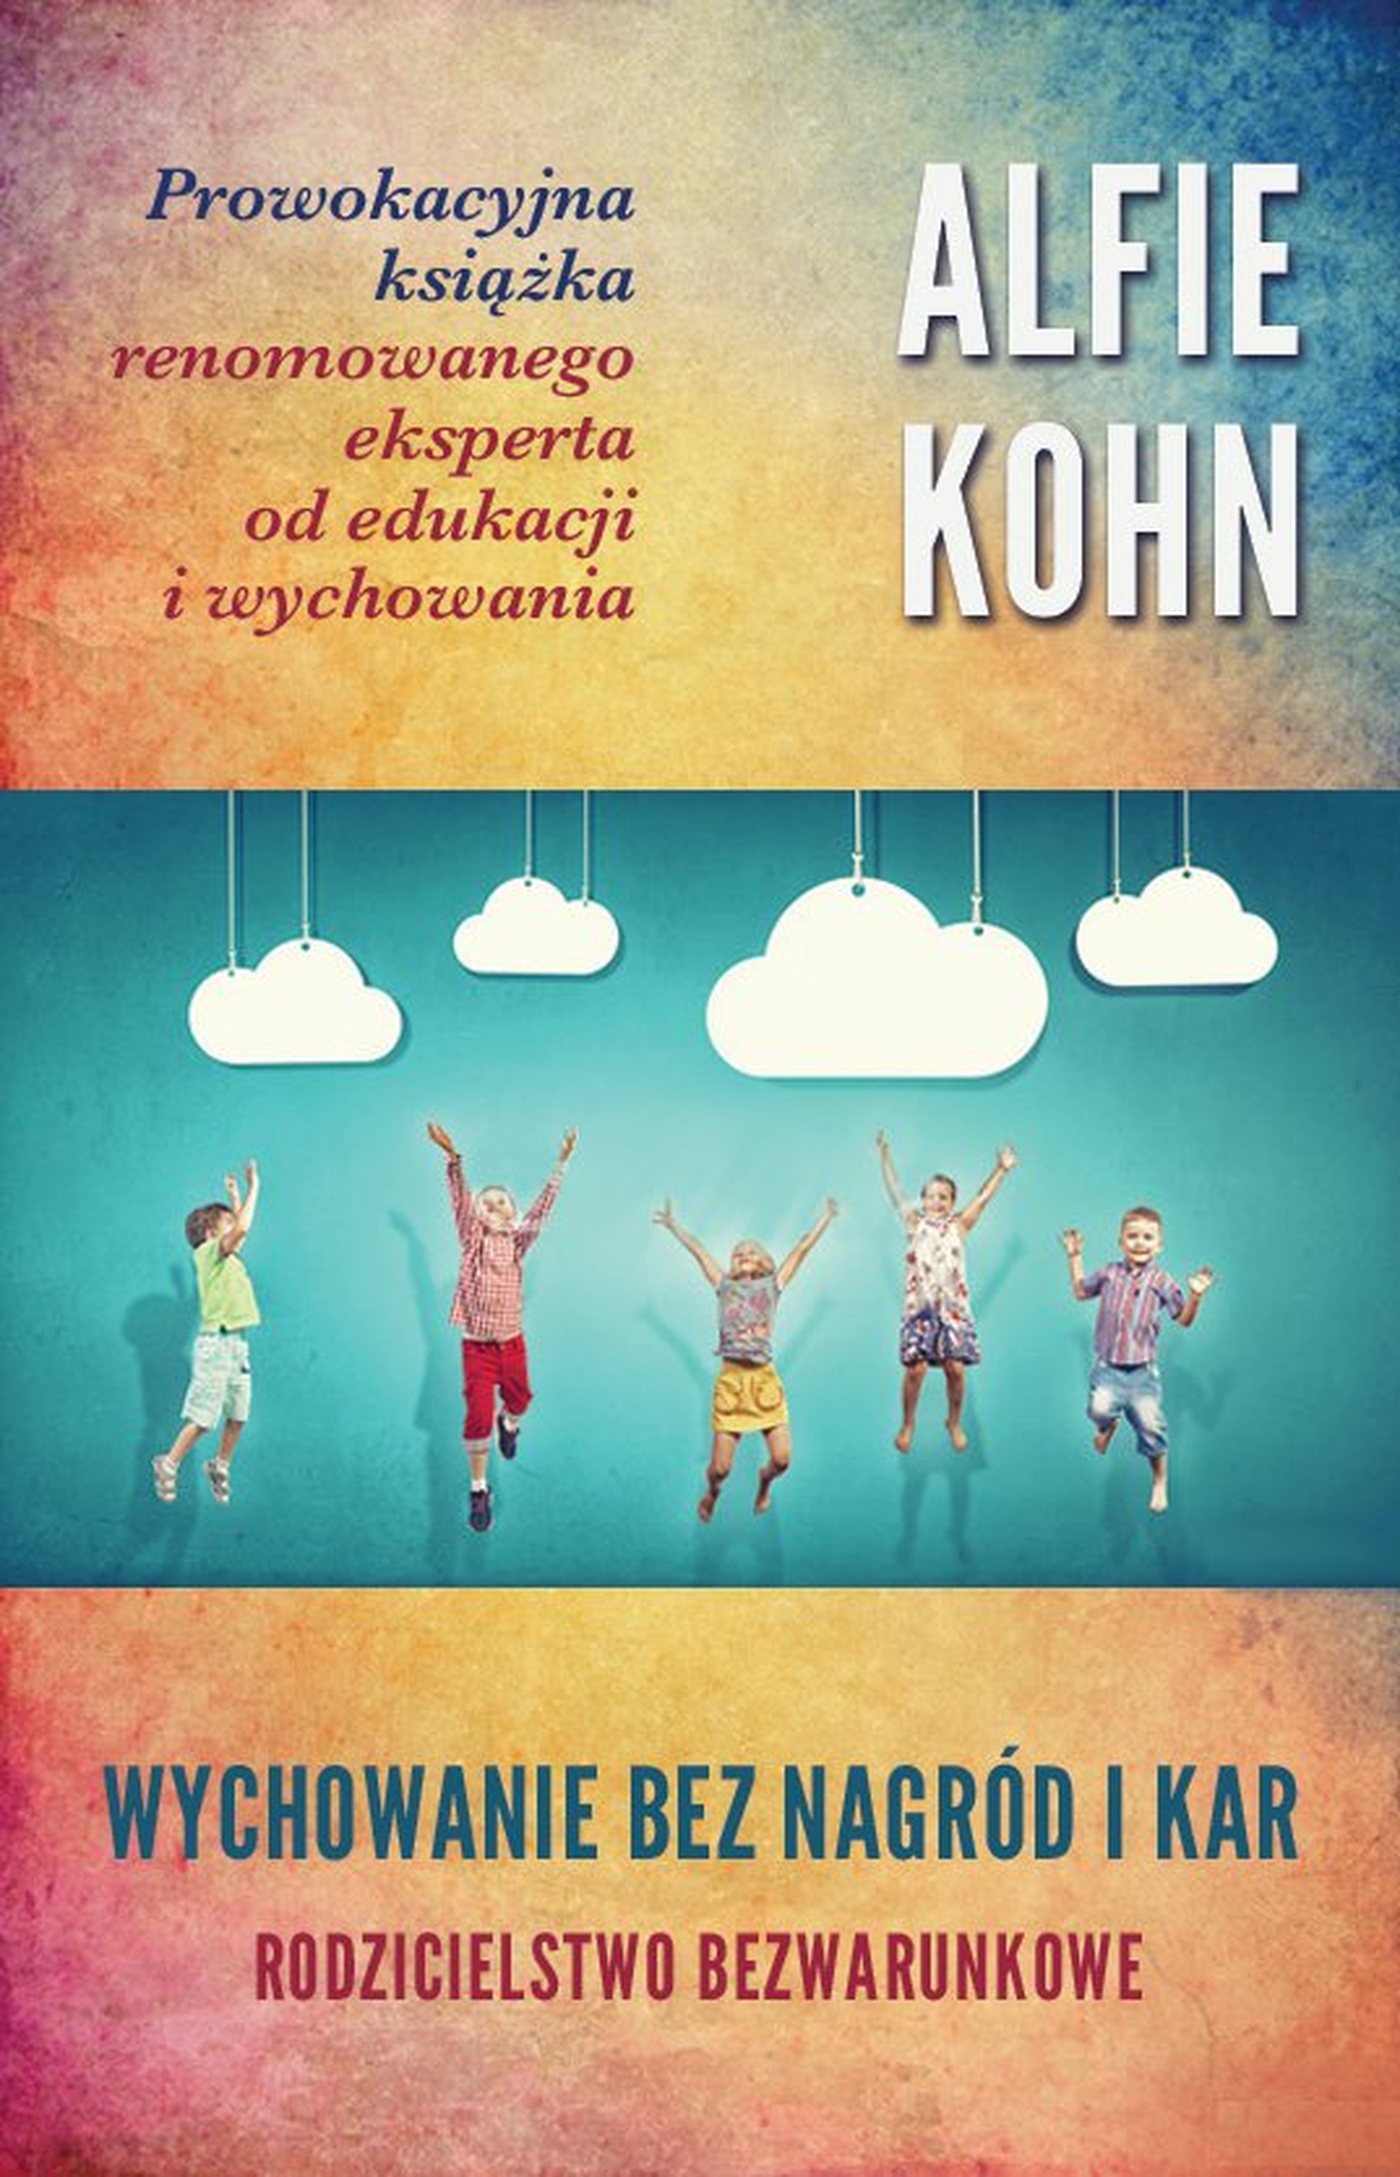 Wychowanie bez nagród i kar. Rodzicielstwo bezwarunkowe - Ebook (Książka EPUB) do pobrania w formacie EPUB